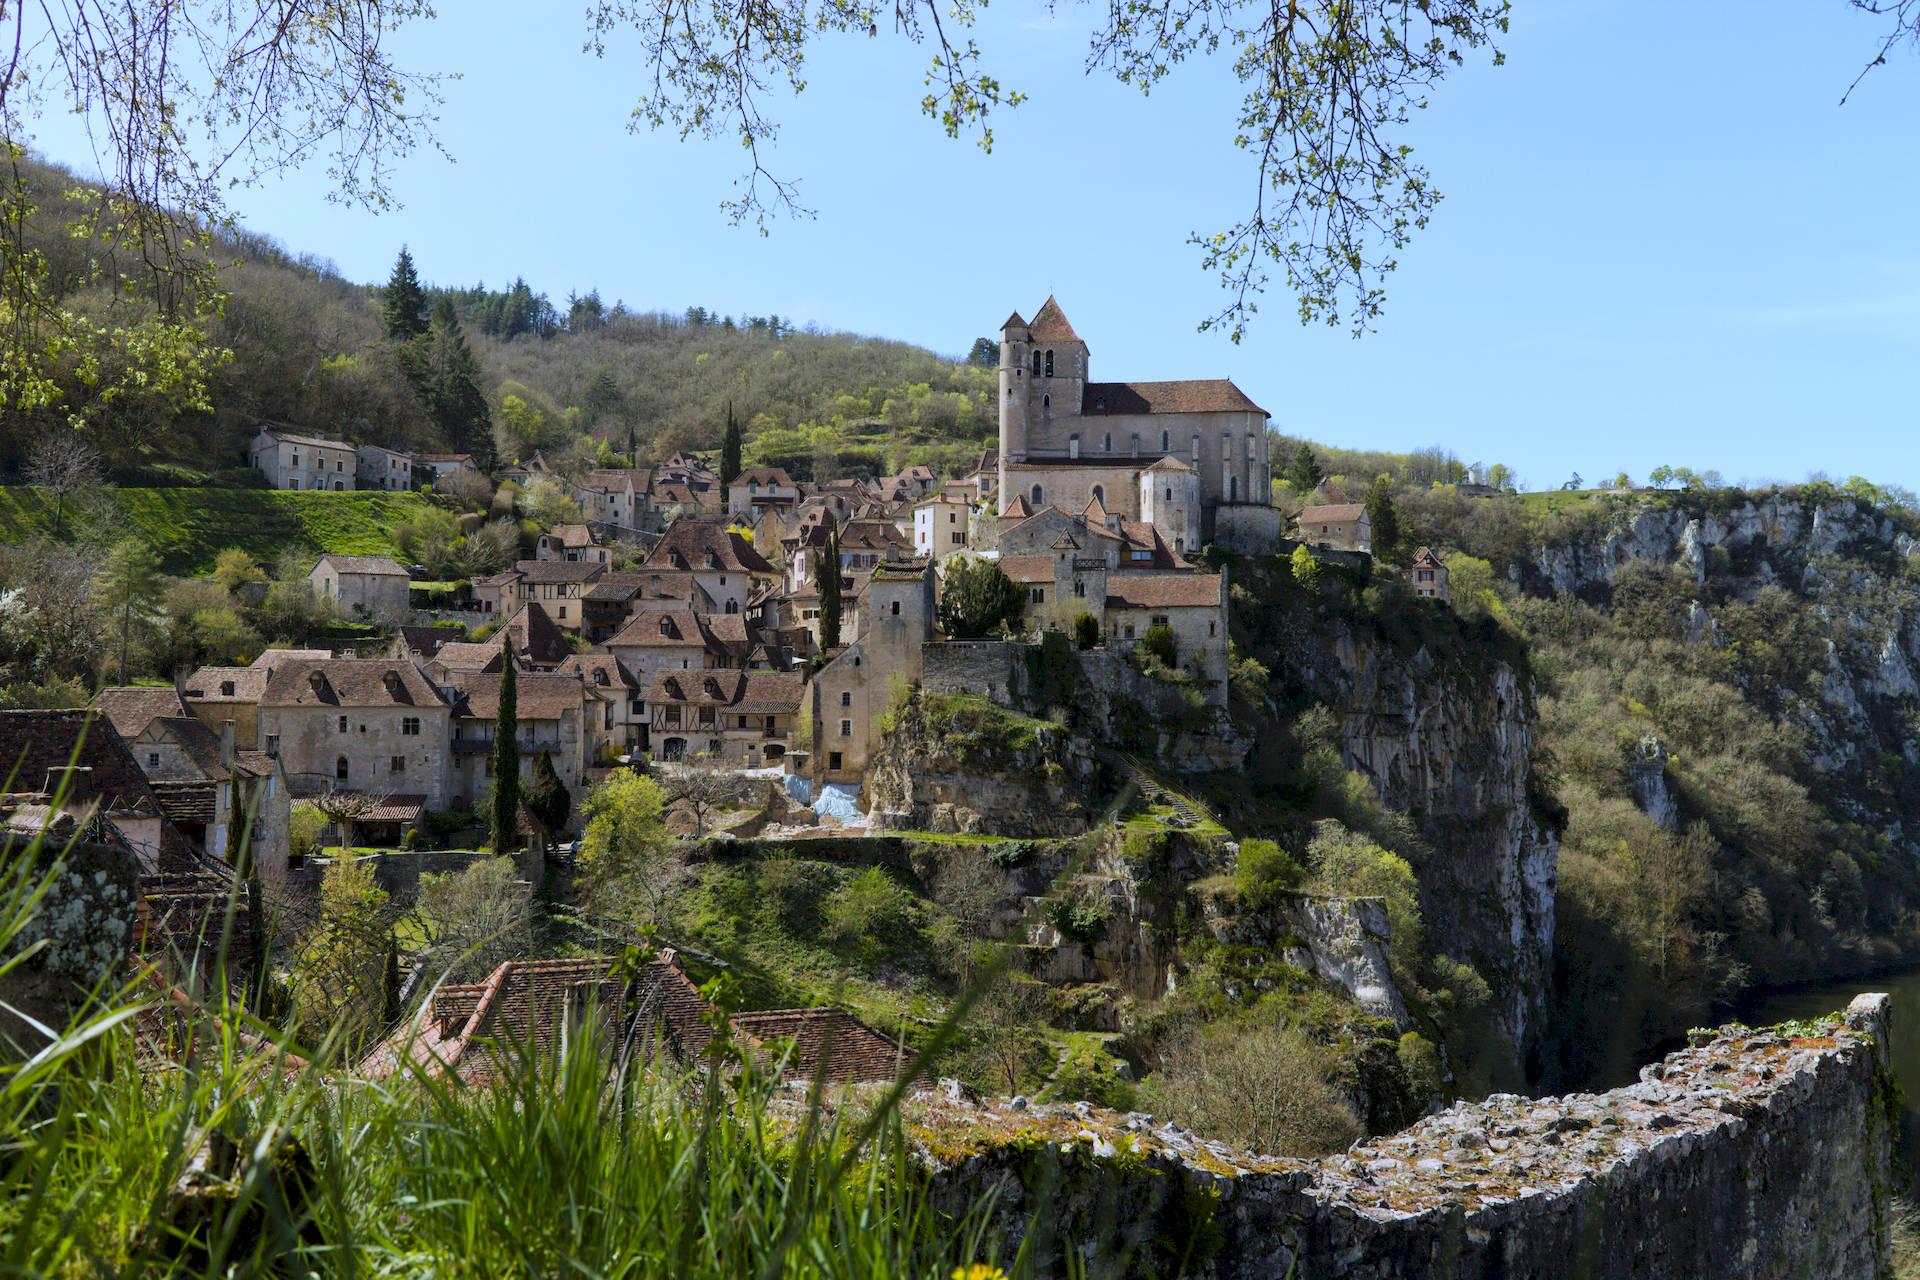 Saint-Cirq Lapopie authentique village perché du Quercy